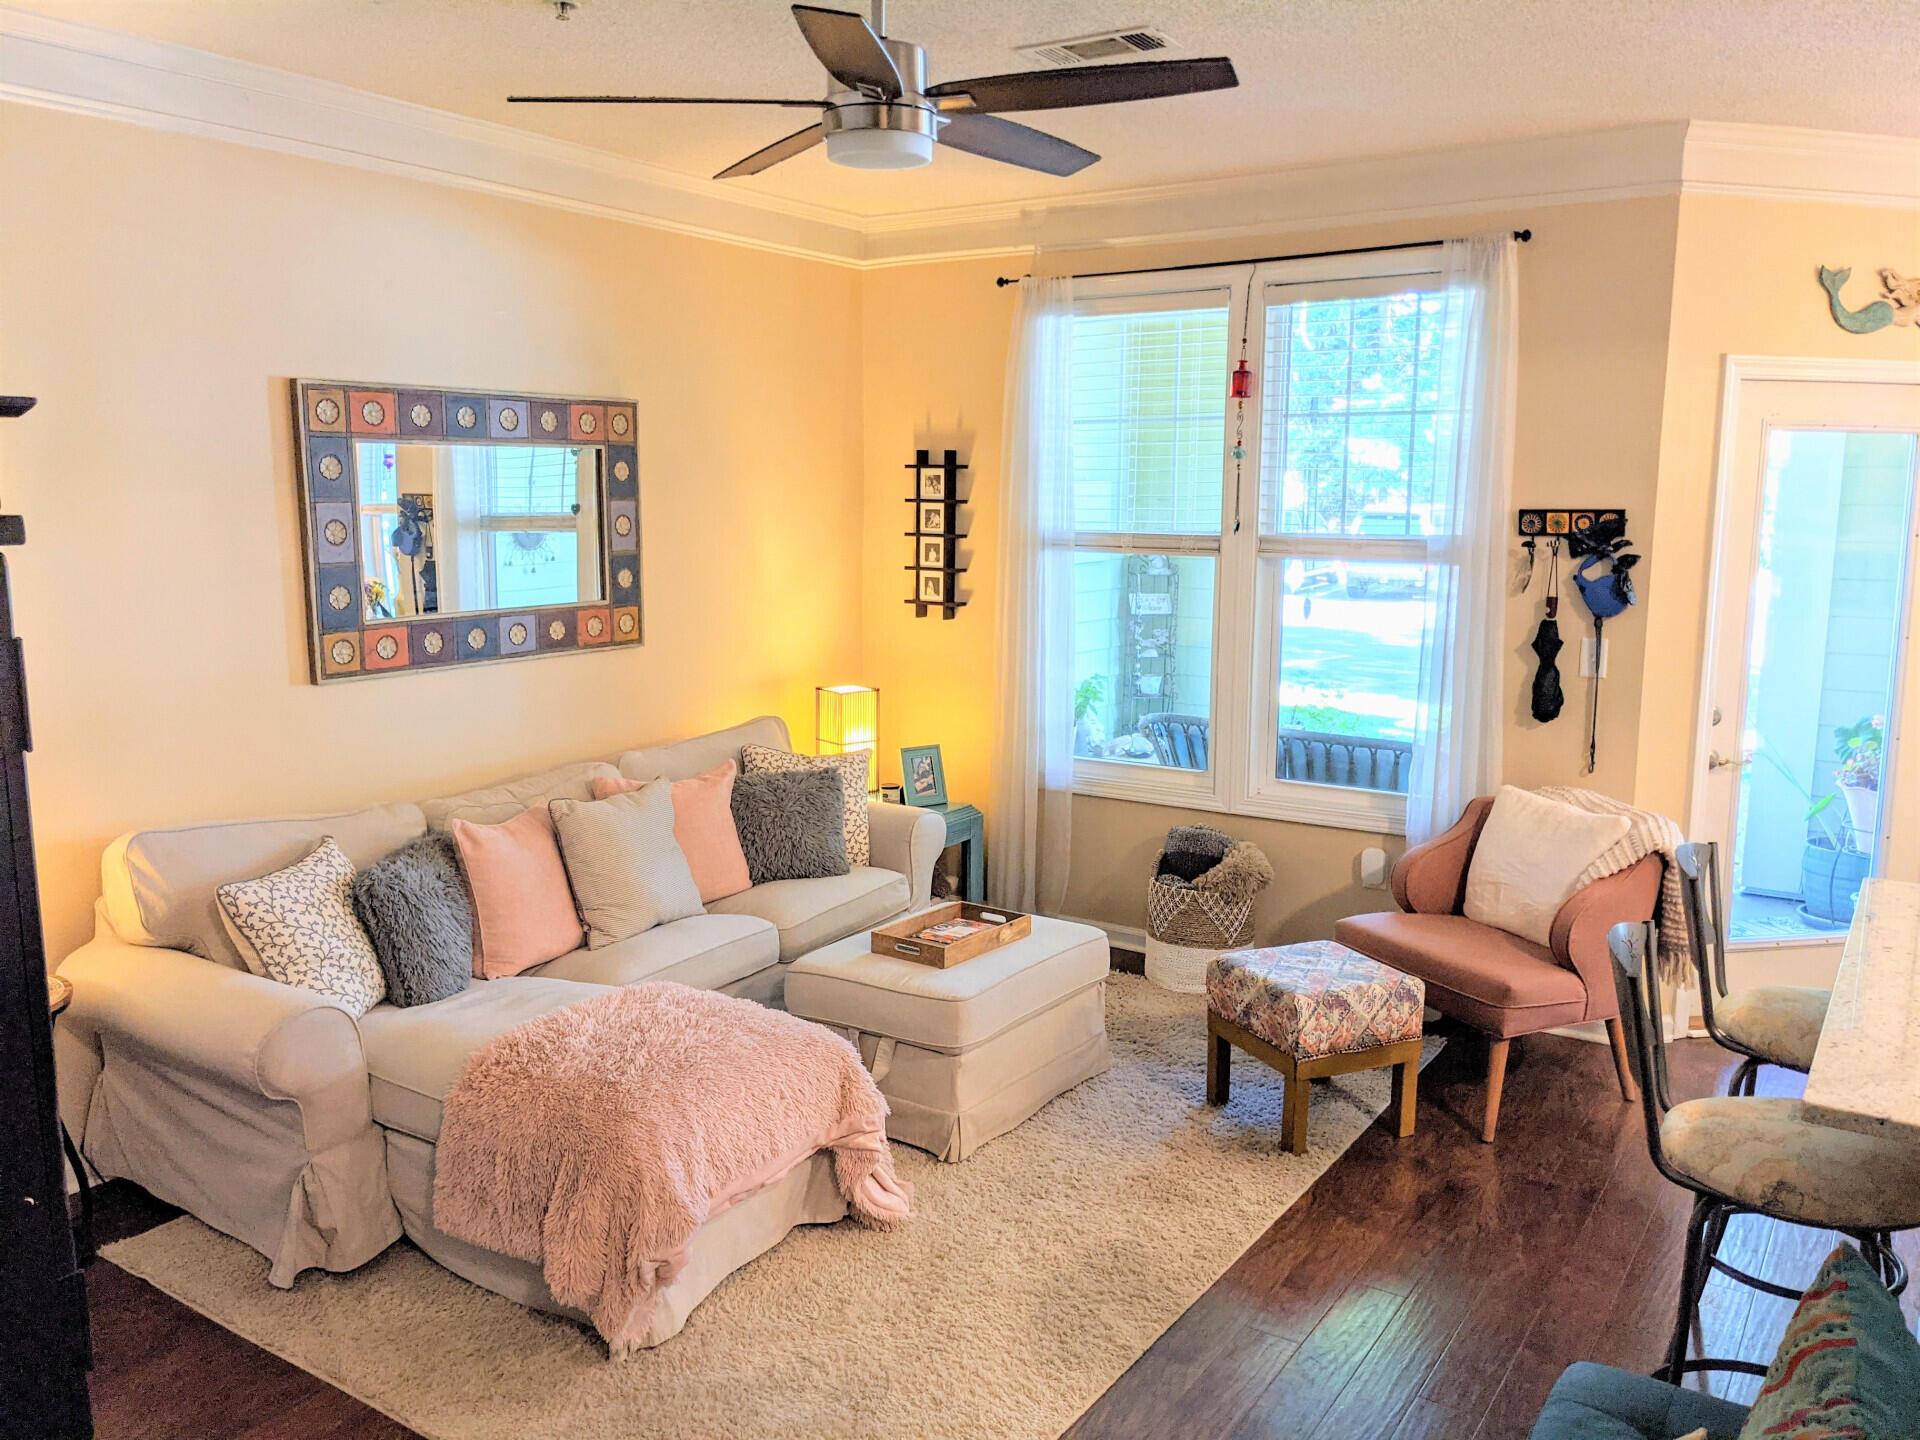 Southampton Pointe Homes For Sale - 2500 Beaucastle, Mount Pleasant, SC - 17